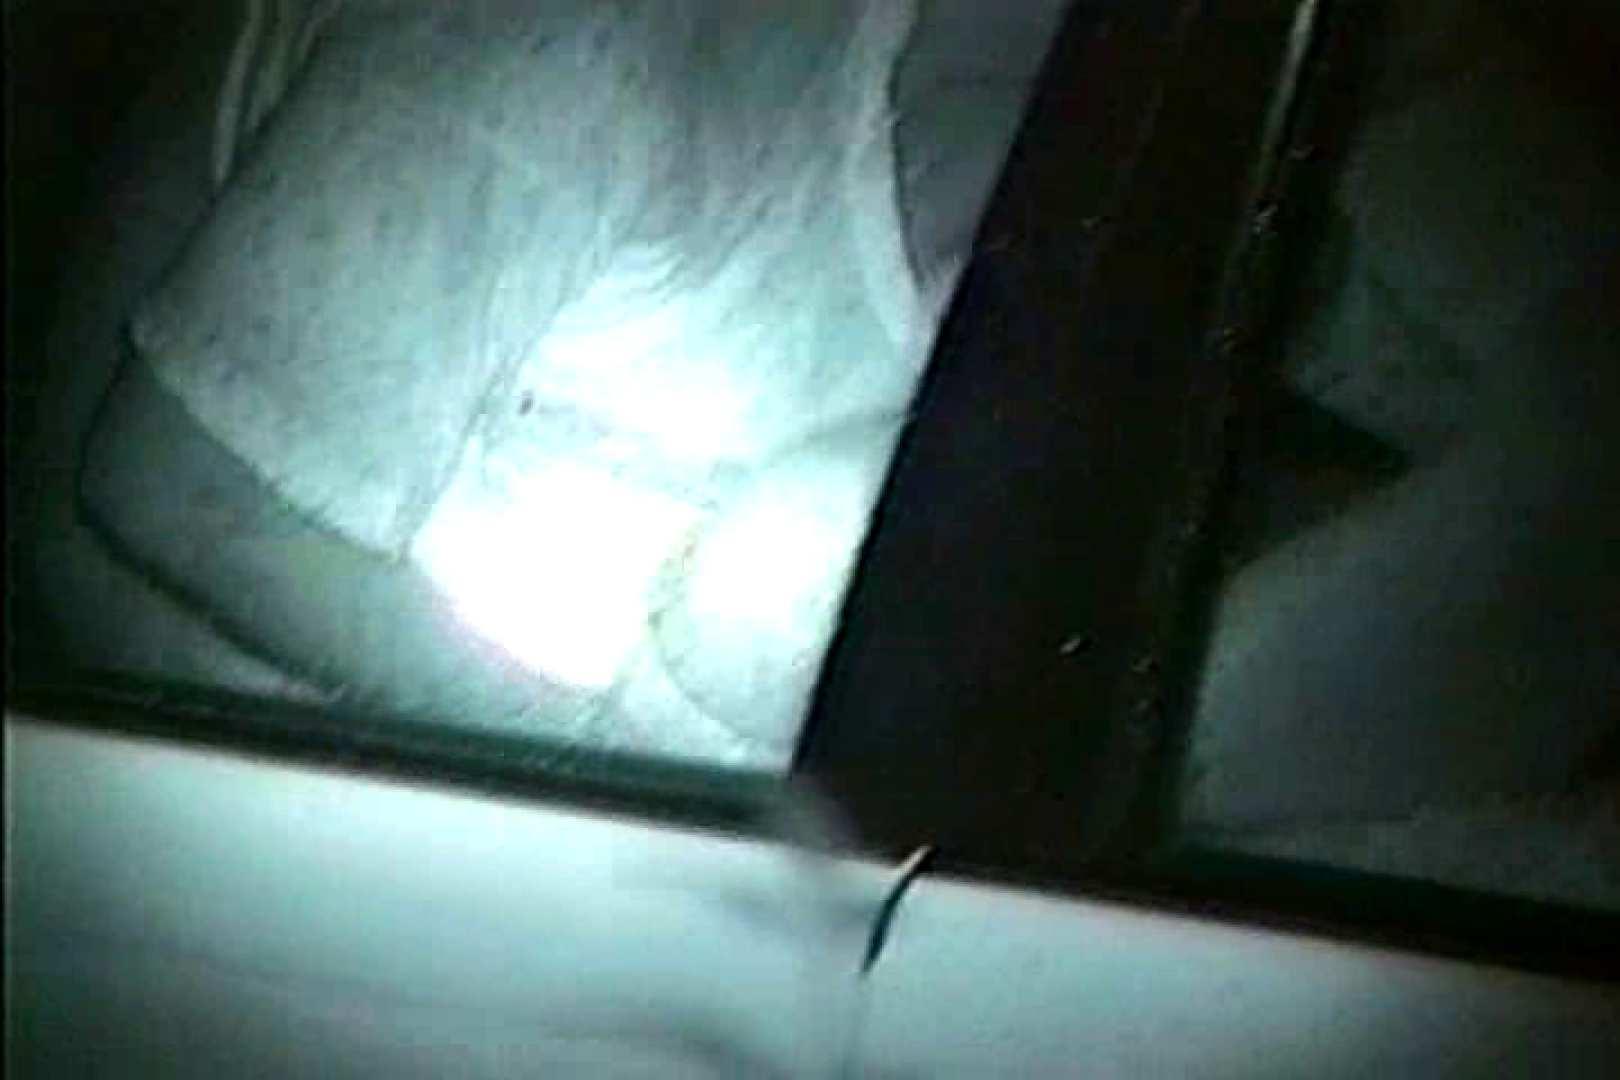 車の中はラブホテル 無修正版  Vol.6 名作 | 赤外線  89画像 81